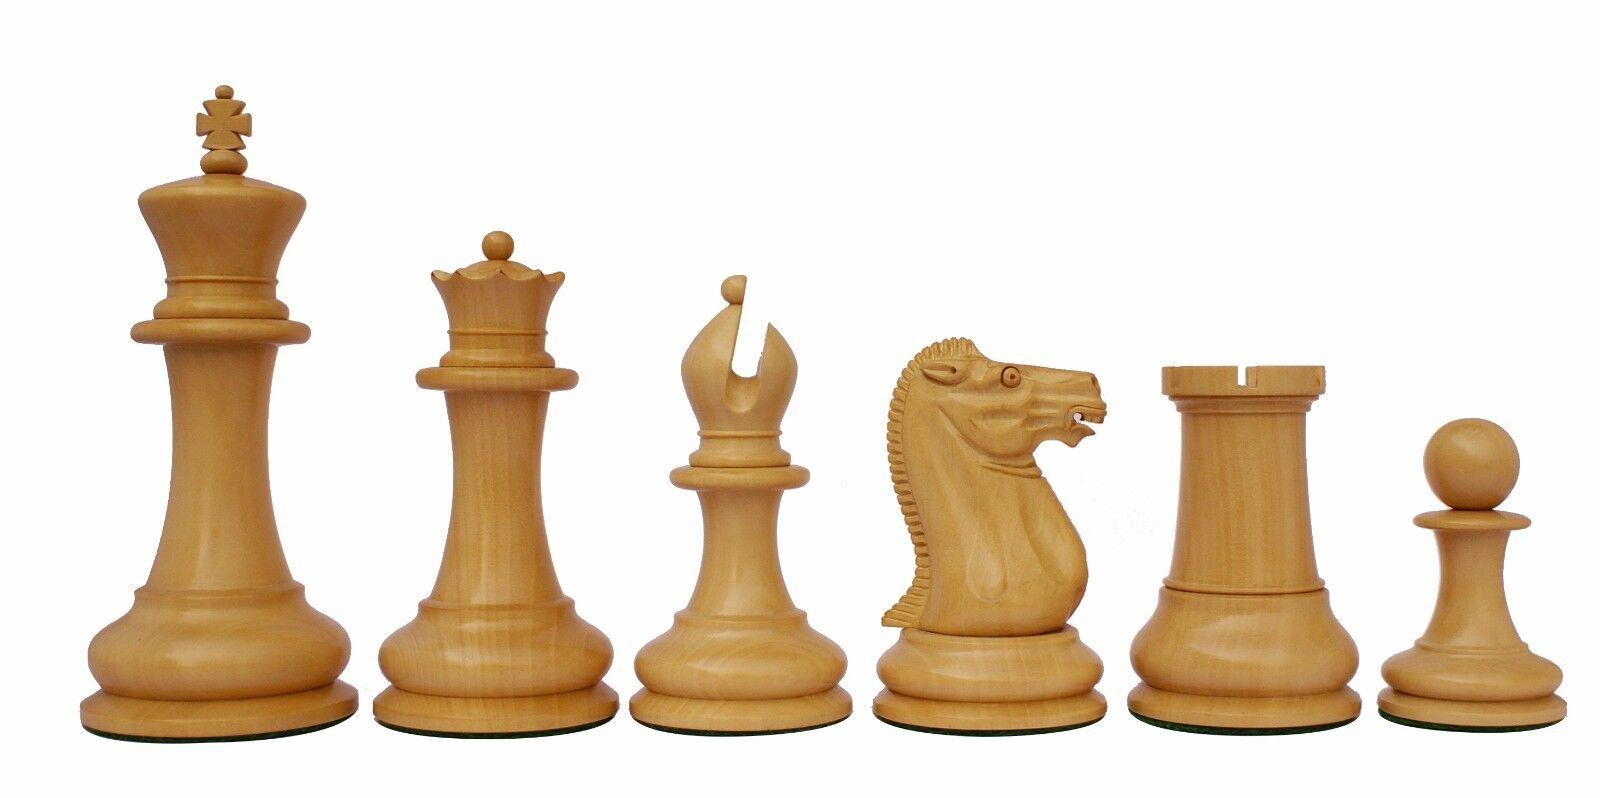 Reproduction Jaques Jaques Jaques Circa 1870-74 Staunton 4.4  Chessmen Box Wood & Pure Ebony 9ecca5